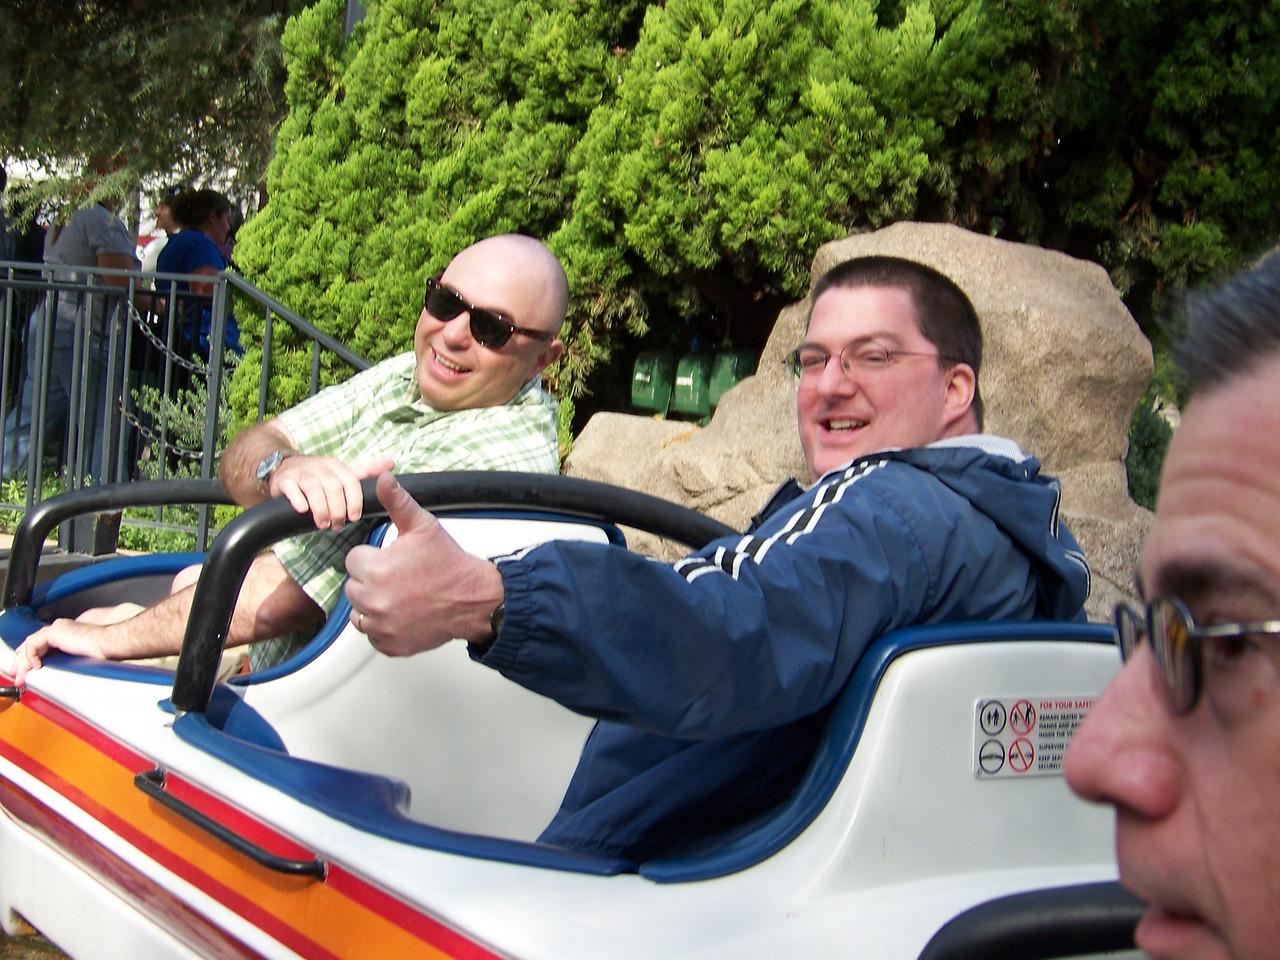 Disneyland - The Matterhorn